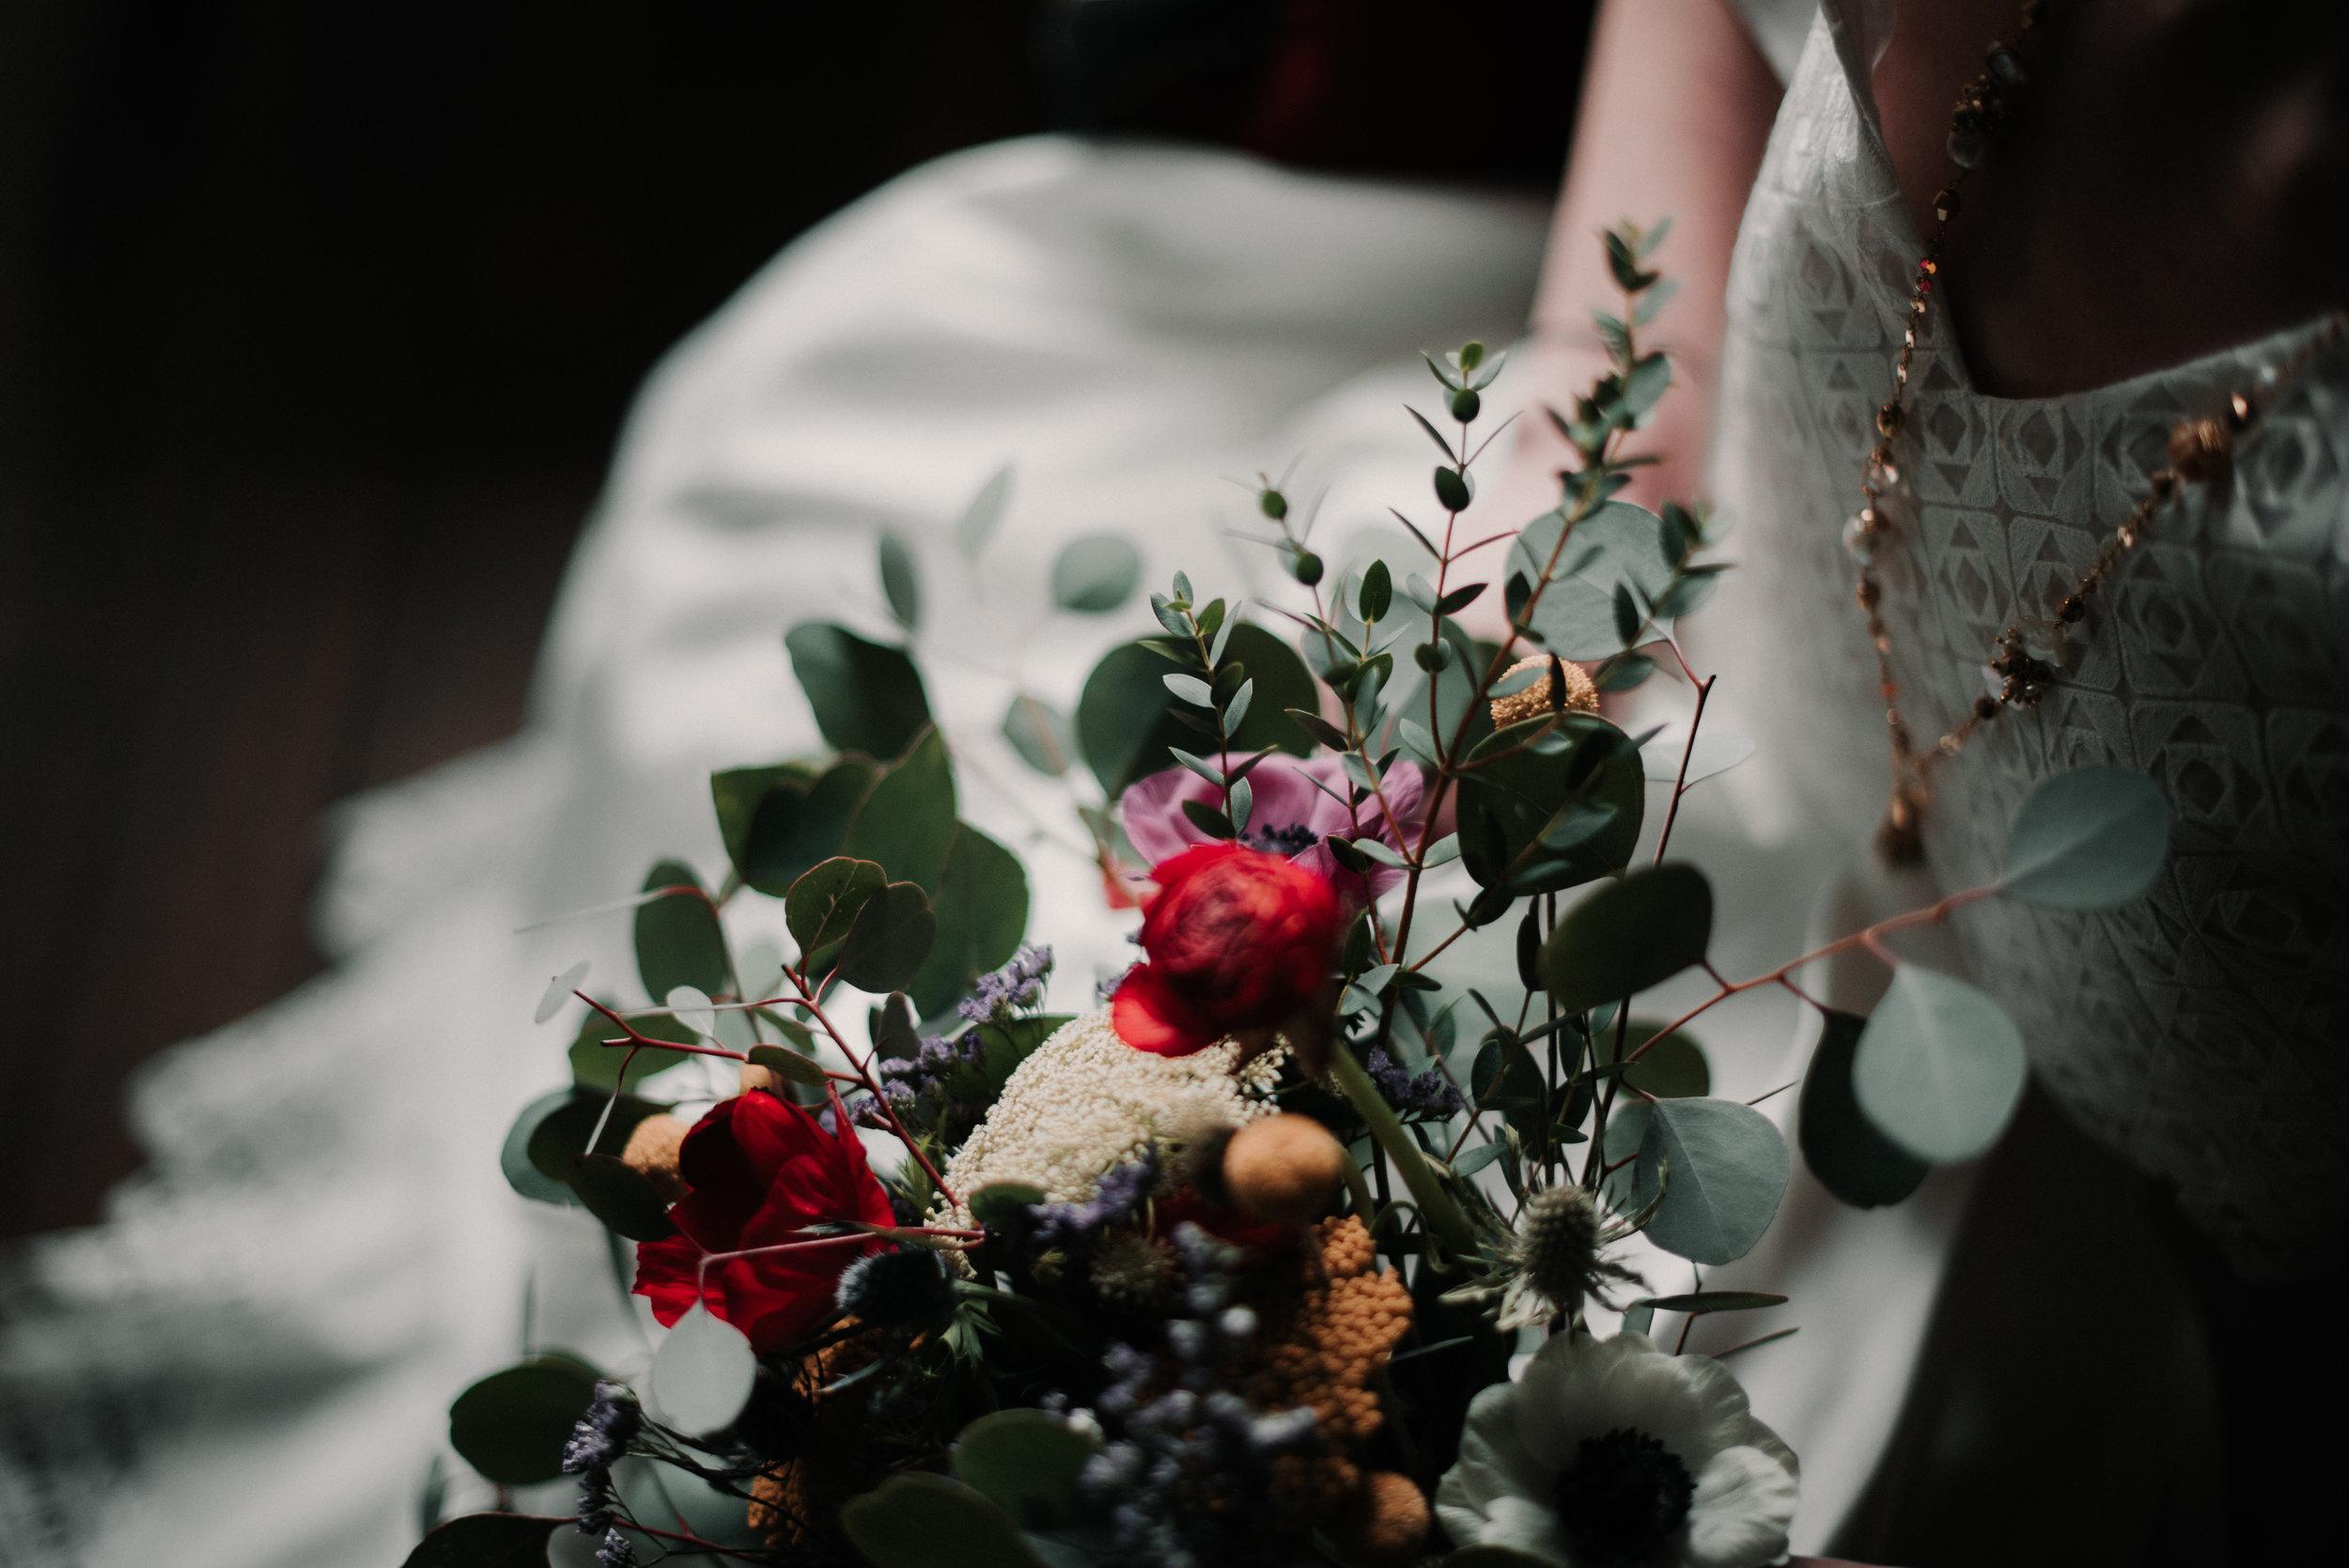 Léa-Fery-photographe-professionnel-lyon-rhone-alpes-portrait-creation-mariage-evenement-evenementiel-famille-3331.jpg